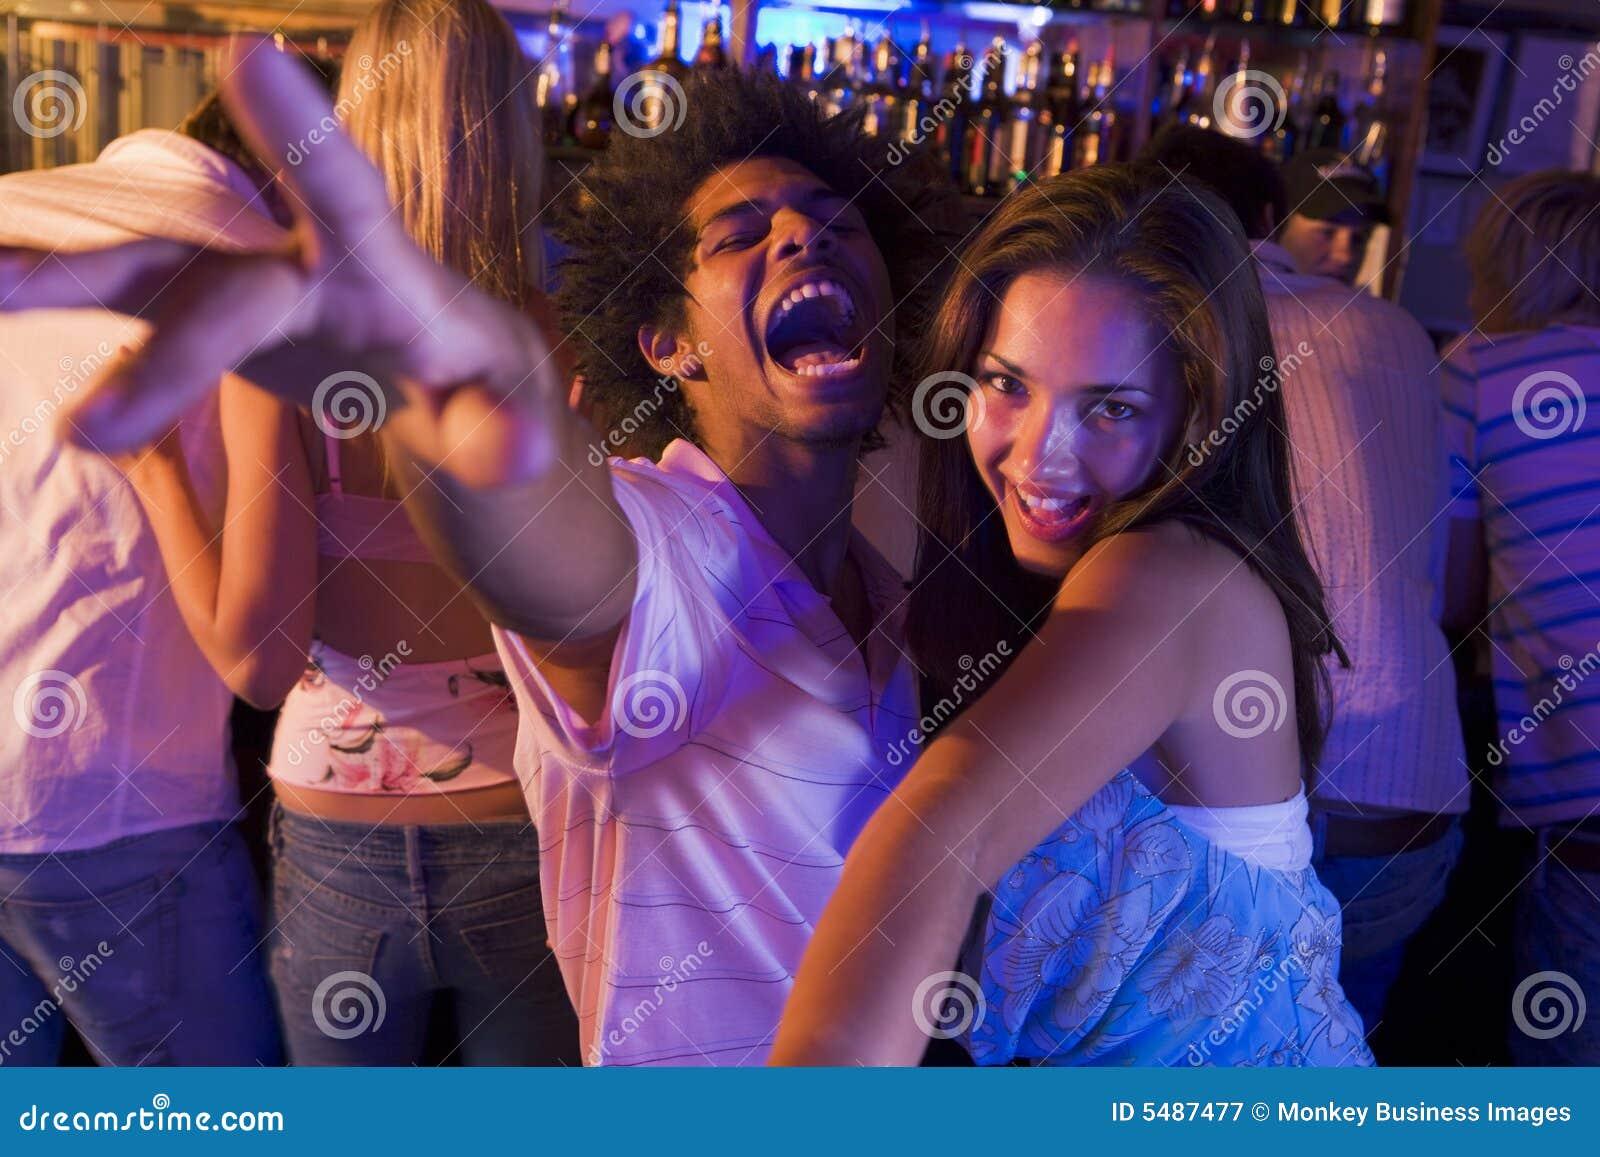 Танцует перед своим парнем 11 фотография